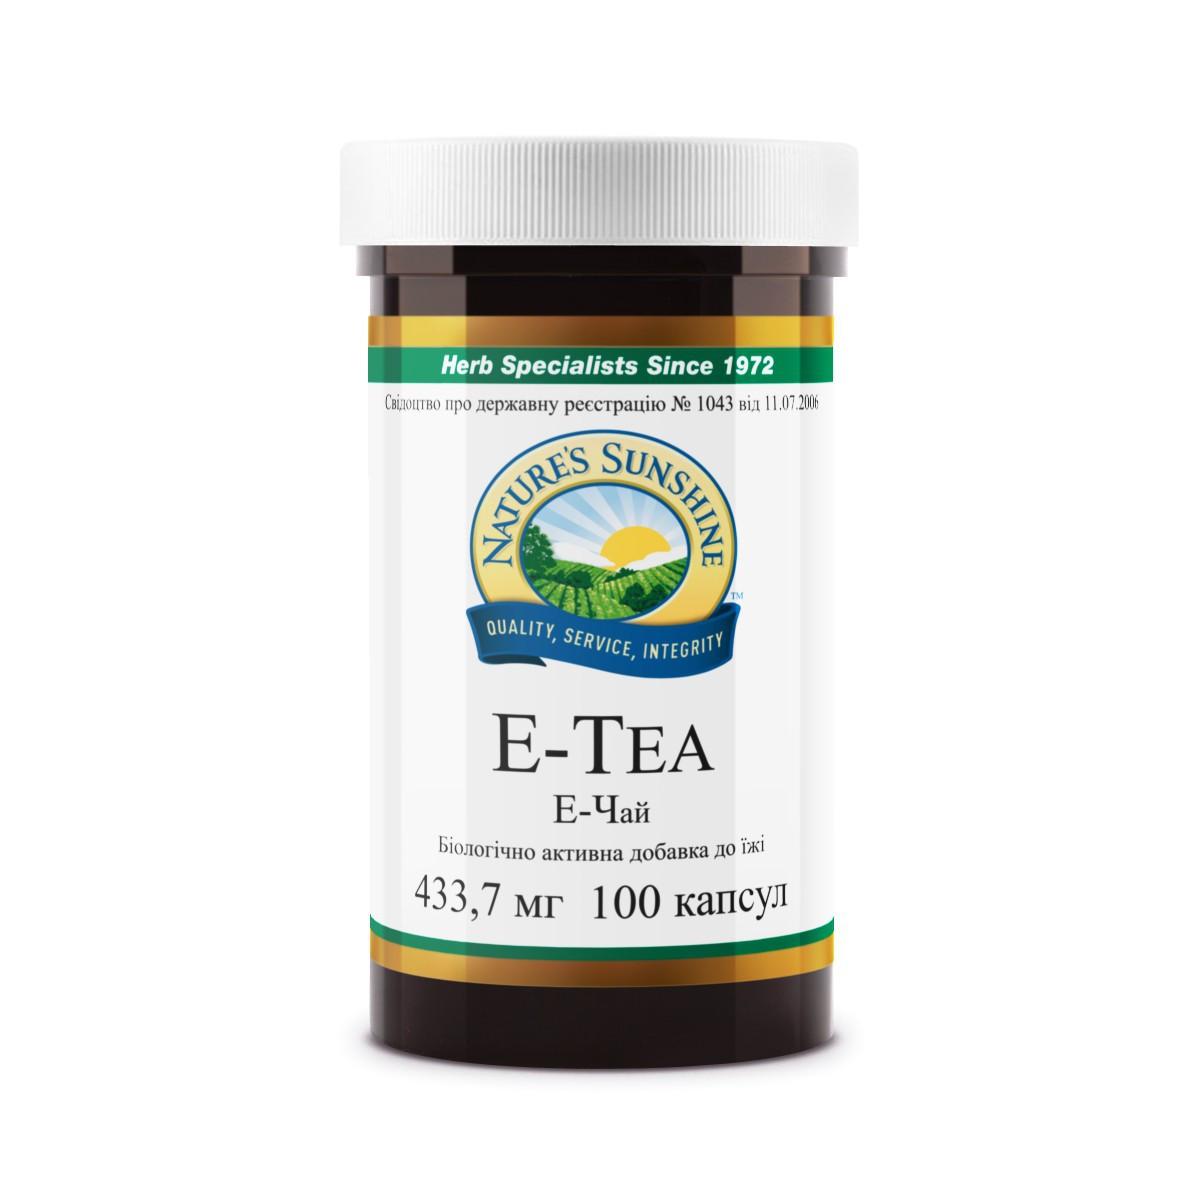 E-Tea Е-чай, NSP, НСП, США. Повышение иммунитета, антиоксидант.